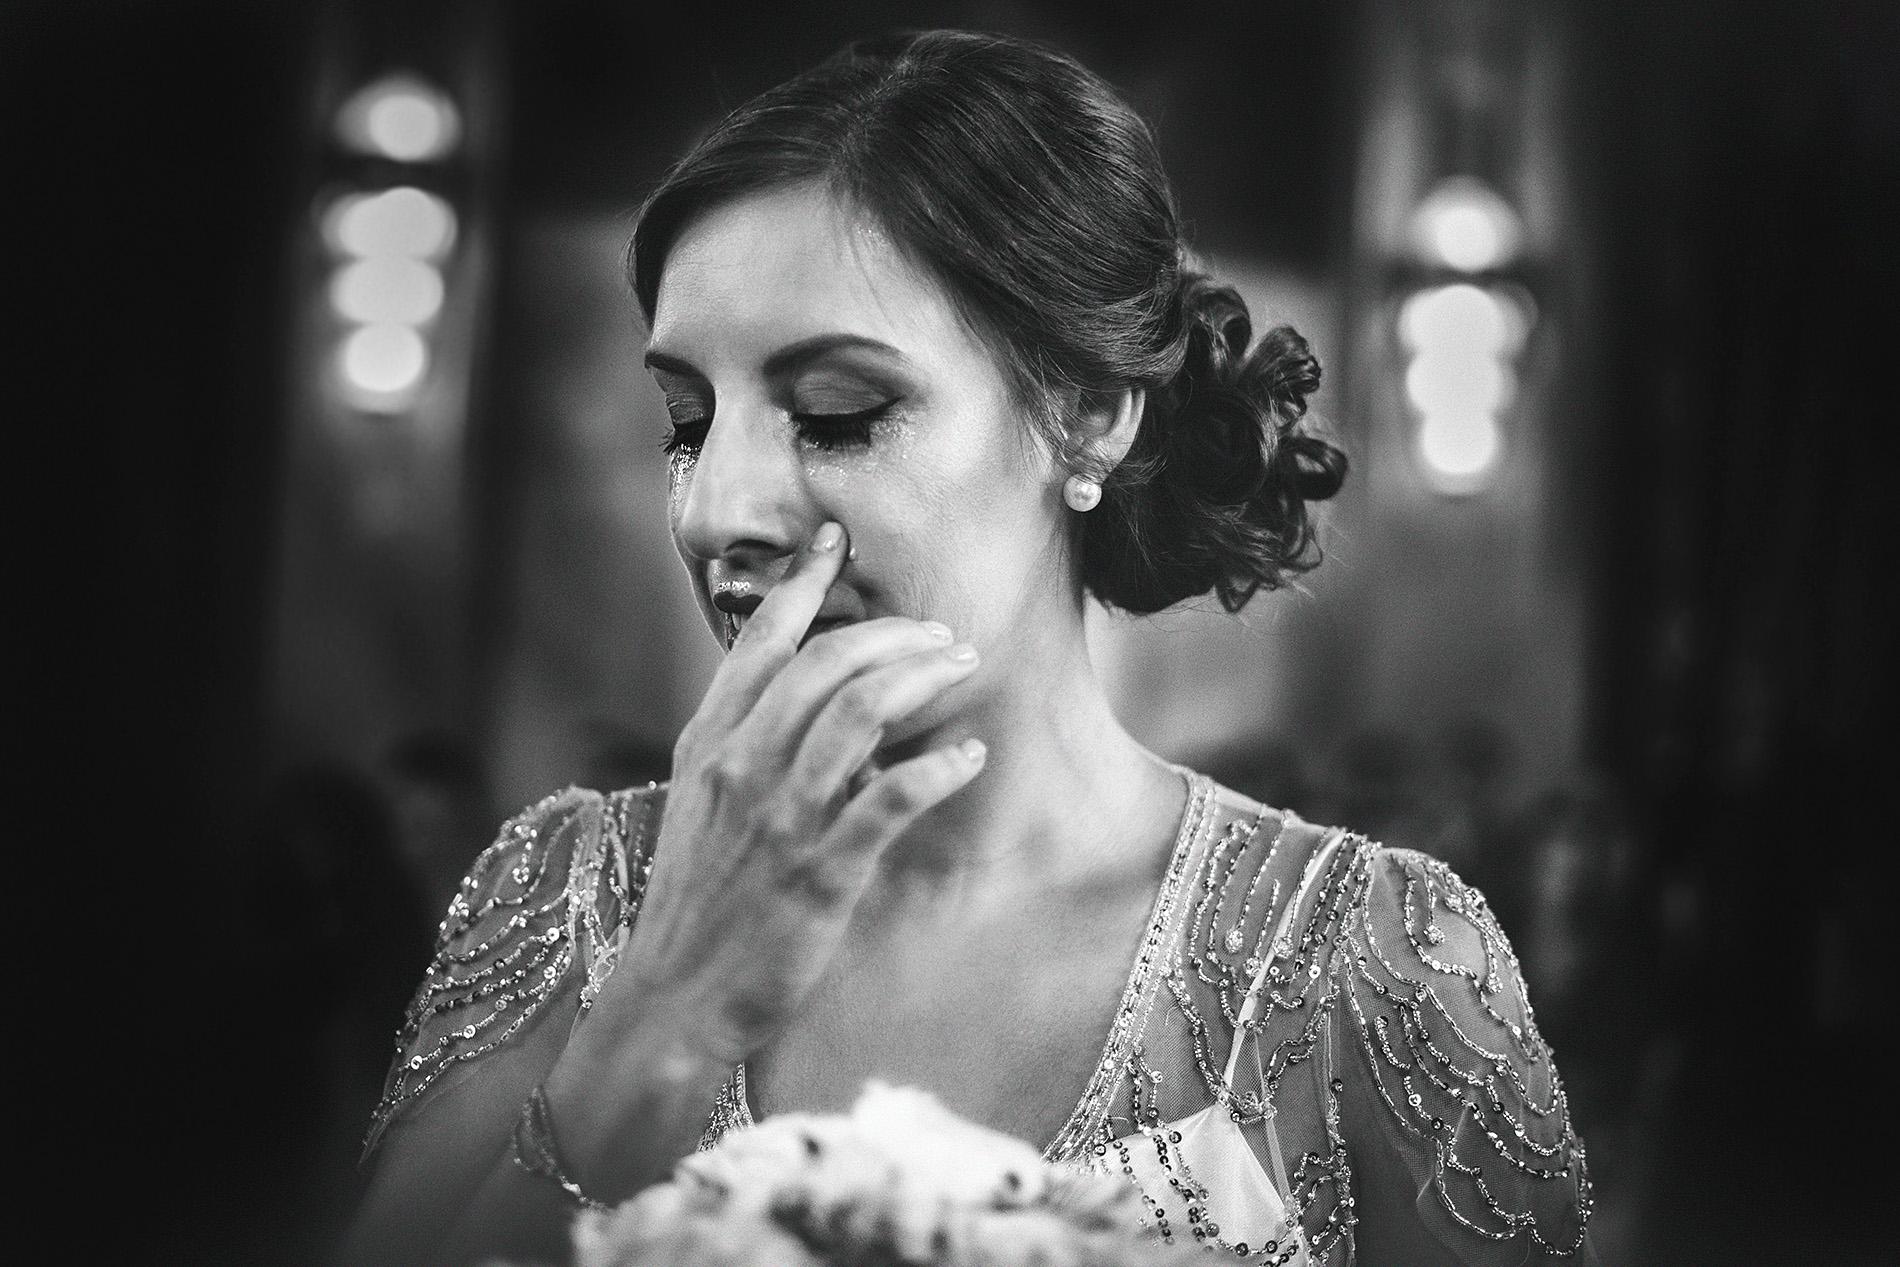 svatební fotograf - fotografie ze svatby v Praze